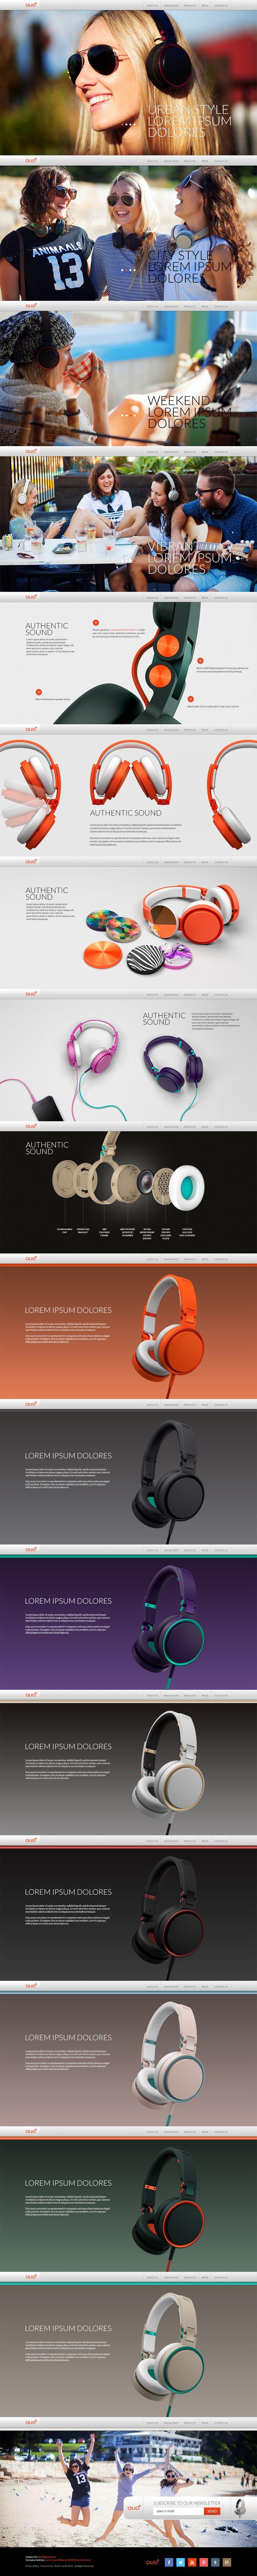 QUO +, Design: Joanna Krenz-Kurowska